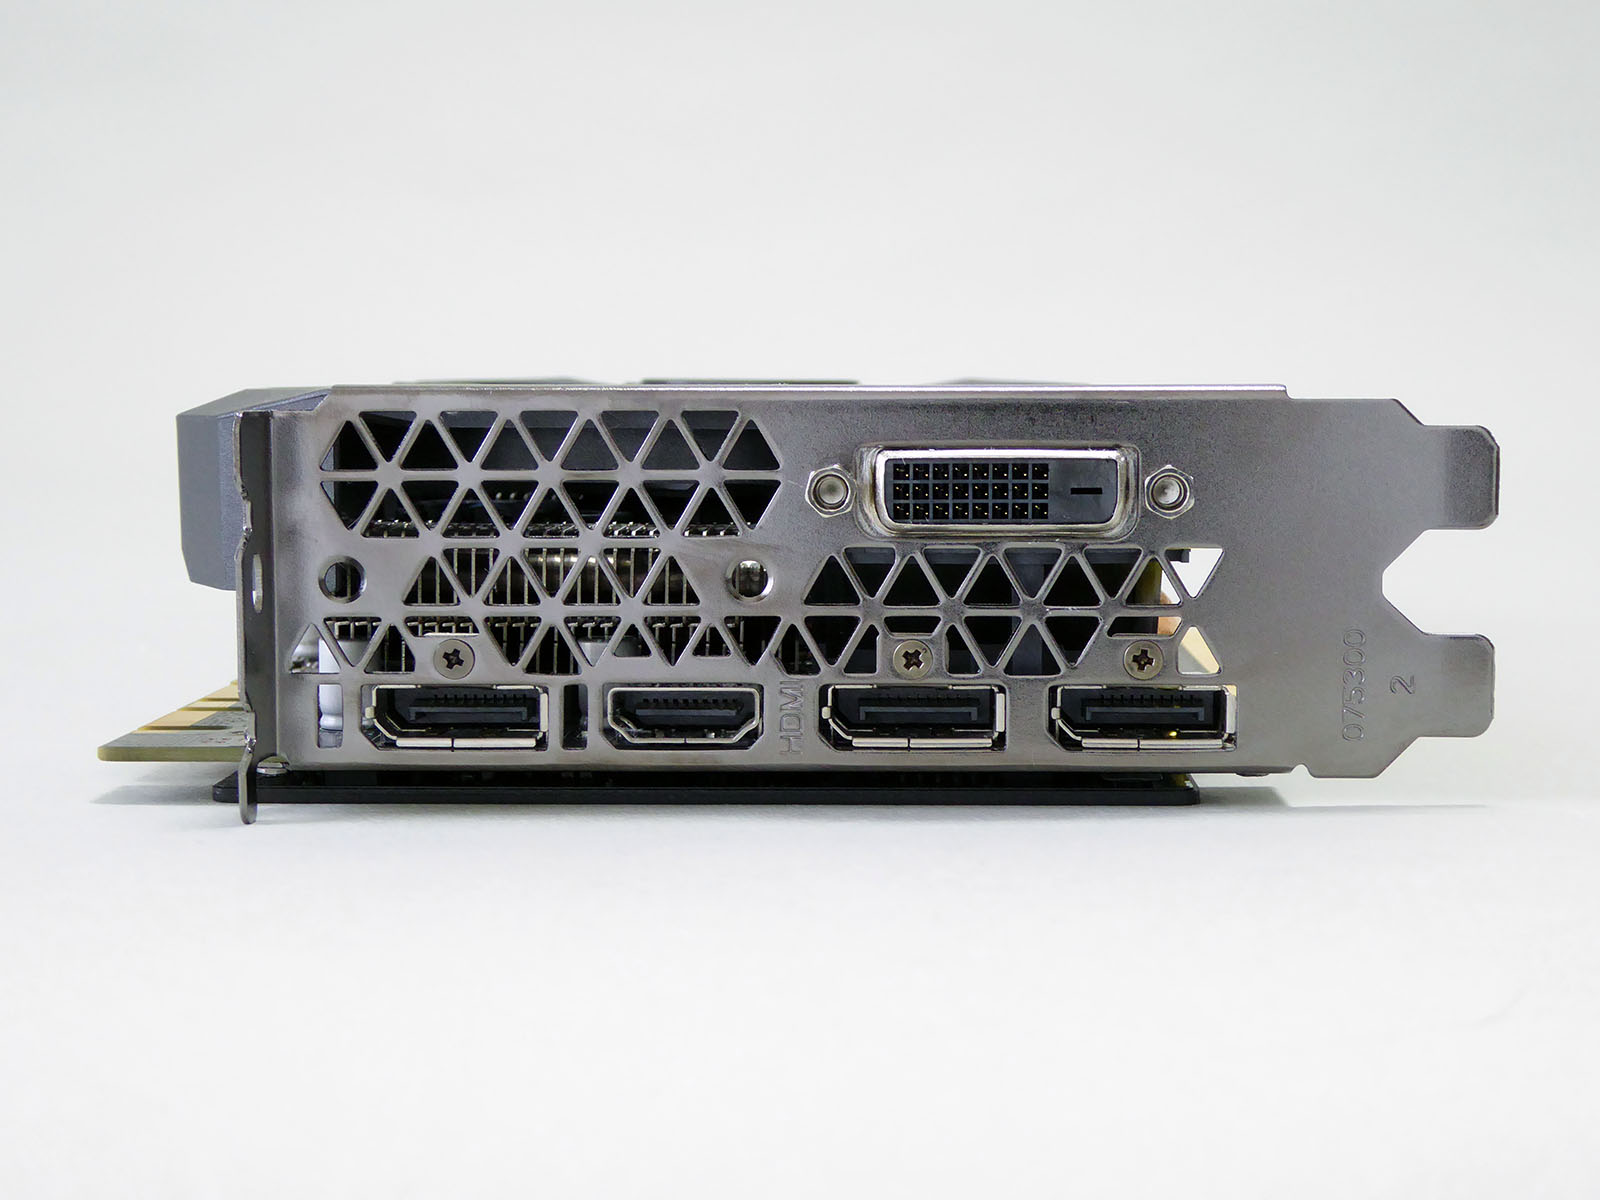 映像出力端子はDisplayPort×3、HDMI×1、DVI-D×1という標準的な構成